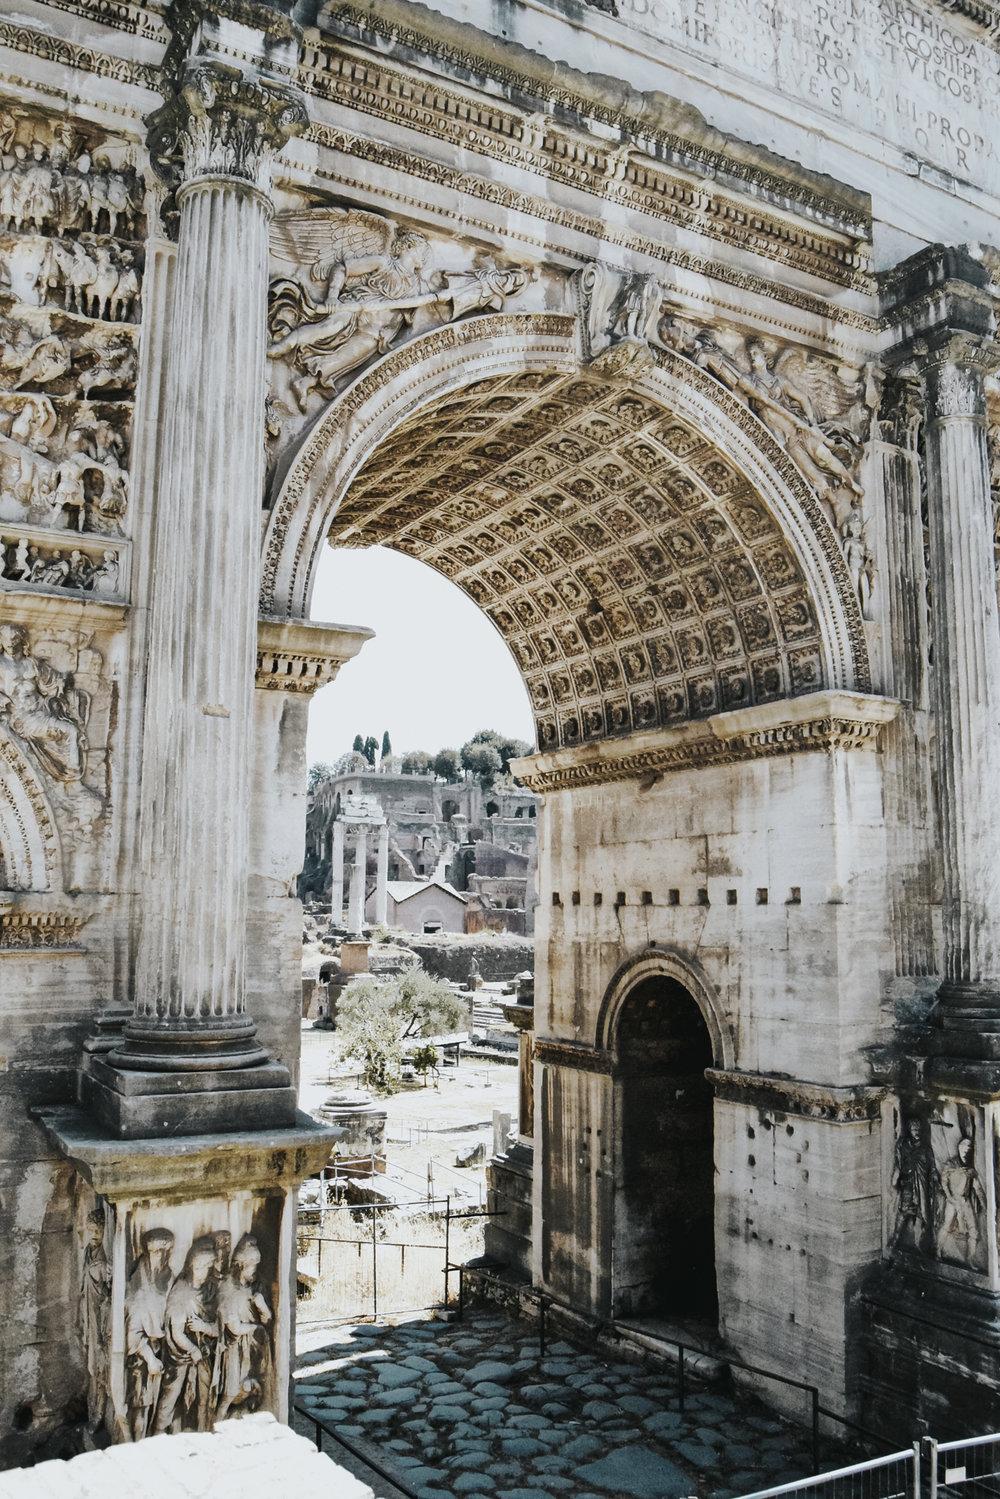 Forum Romanum - Danach nahmen wir uns etwas Zeit, um das einstige Zentrum Roms zu erkunden, das Forum Romanum. Es ist kaum vorstellbar, dass hier einmal das alltägliche Leben der Stadt herrschte. Die meisten Bauten lassen sich von den Aussichtsplattformen betrachten, die schattigen Plätze sorgen für ein paar erholsame Minuten.